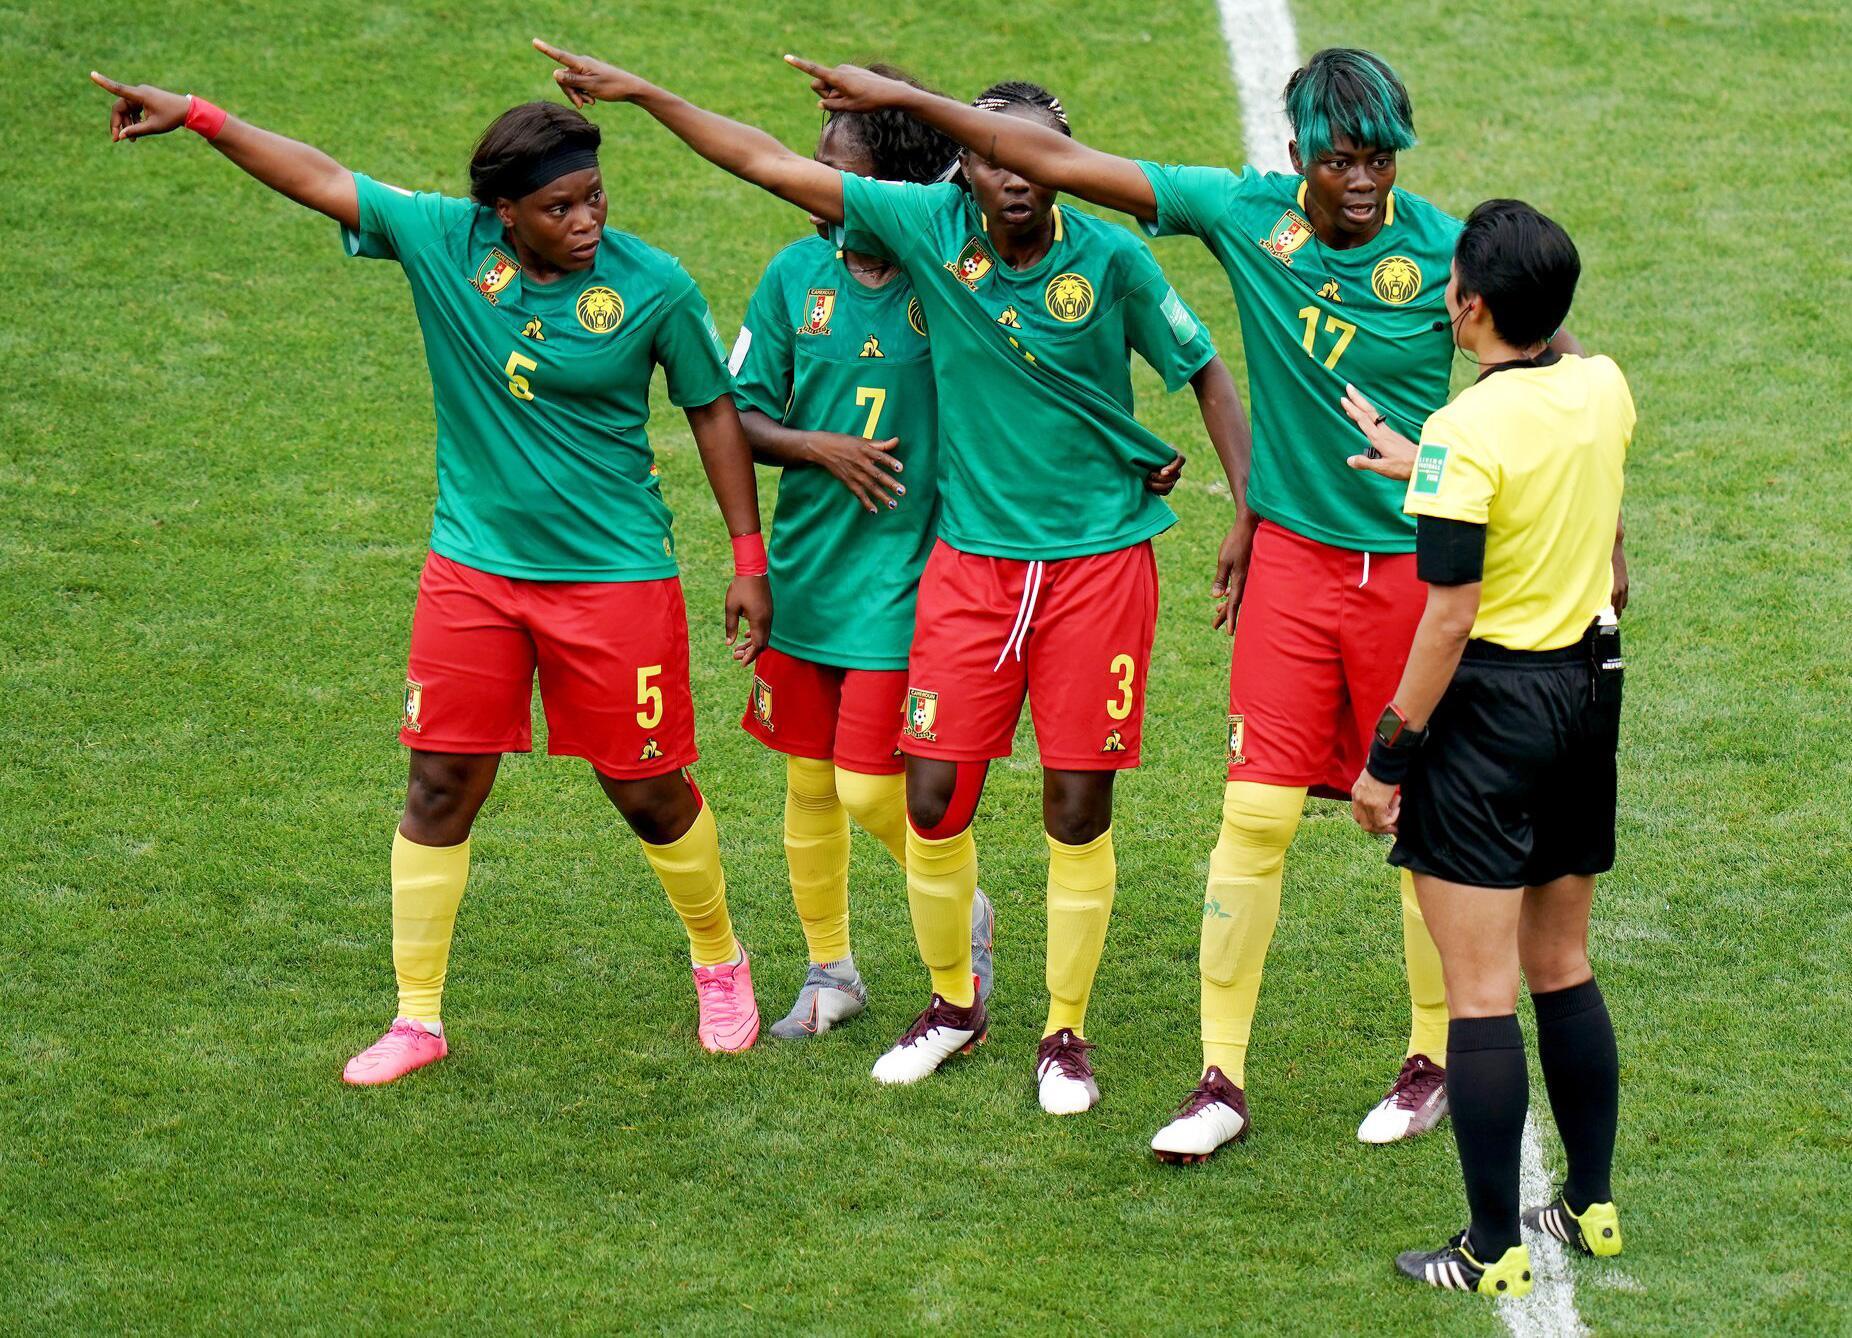 Bild zu Frauenfussball-WM, Frauen-WM 2019, Frankreich, Achtelfinale, Valenciennes, England, Kamerun